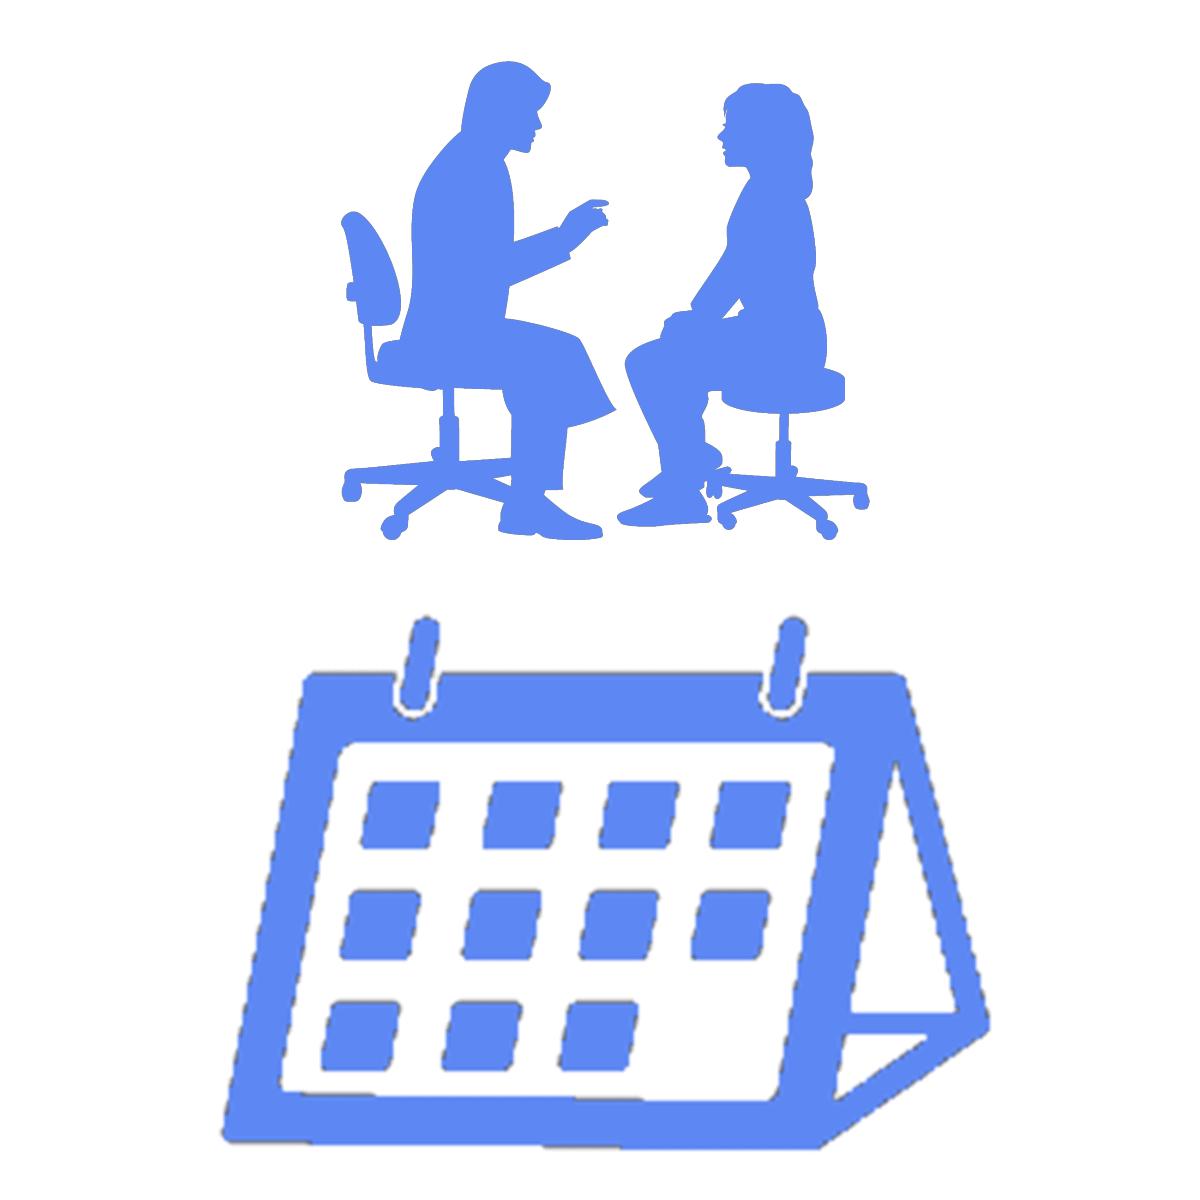 対面カウンセリングの予約状況を表すイラスト